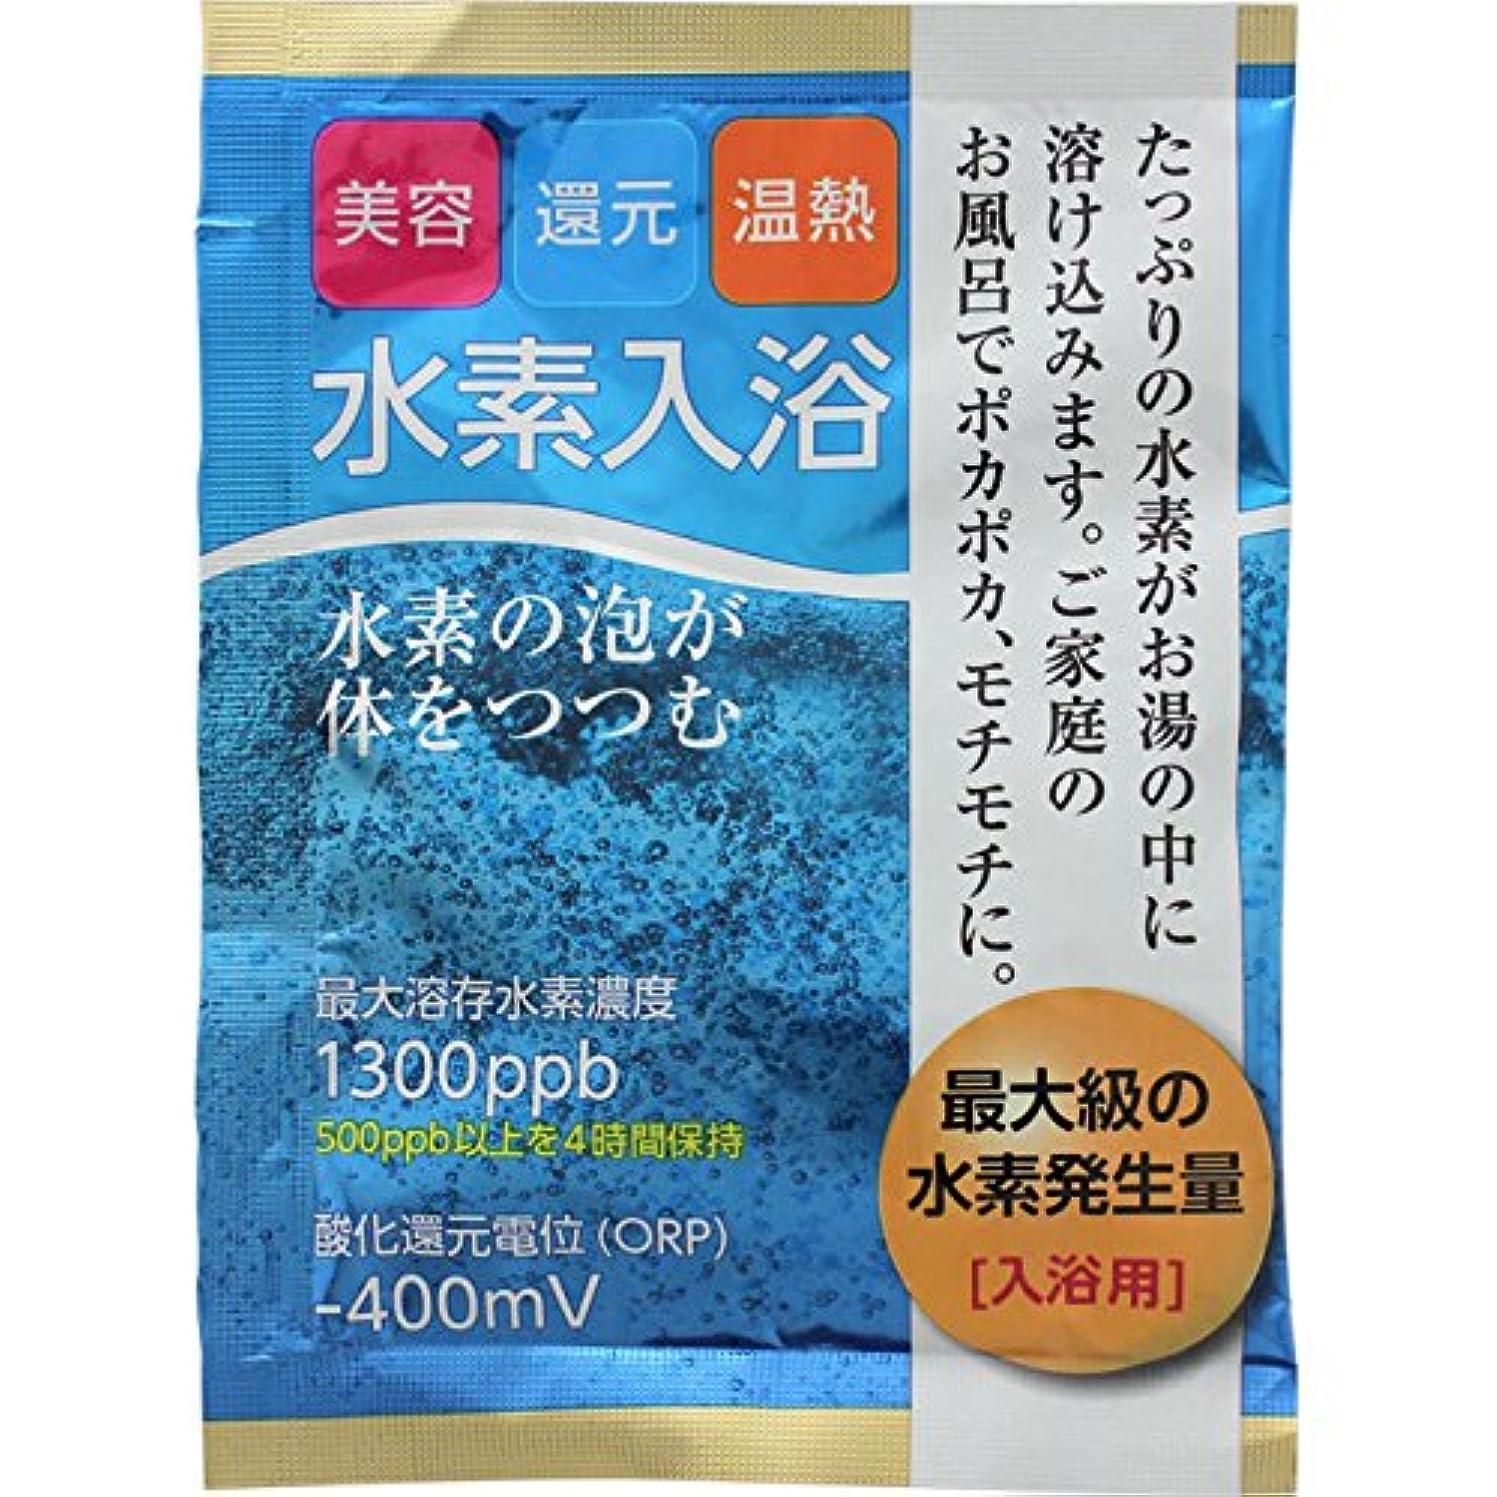 お誕生日ペンフレンド特別にラディエンスジャパン 水素入浴 35g